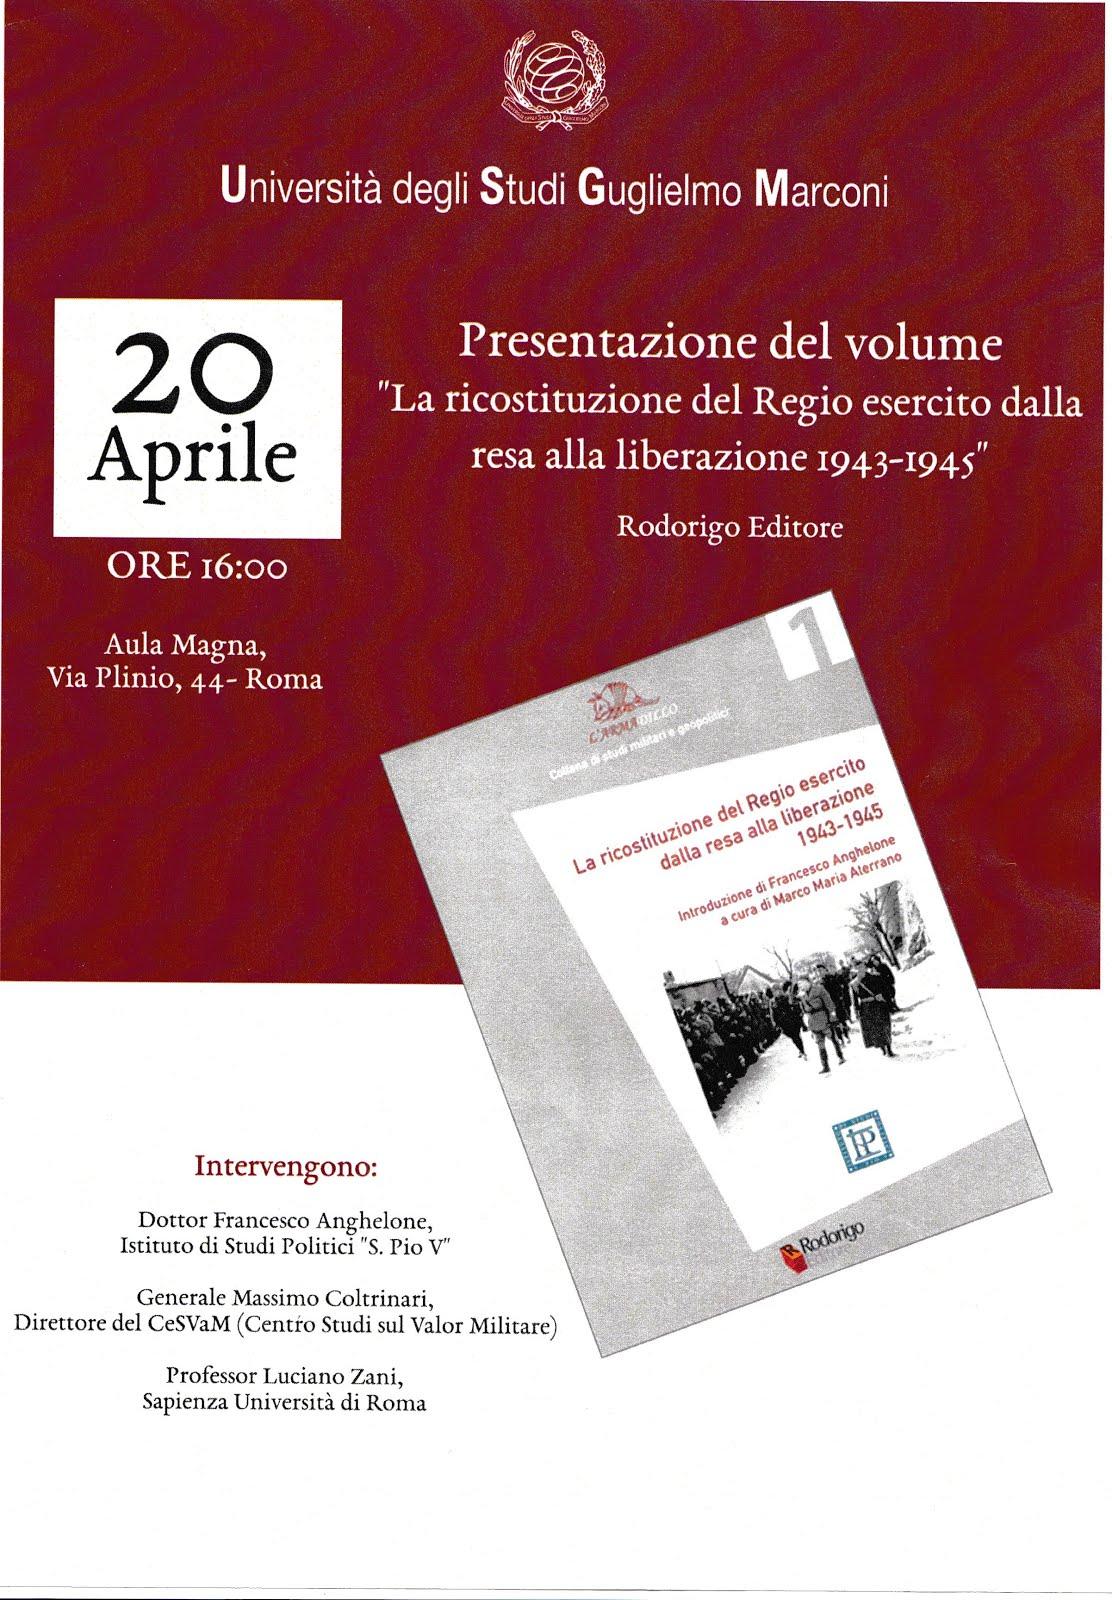 Università Guglielmo  Marconi. 20 Aprile 2018